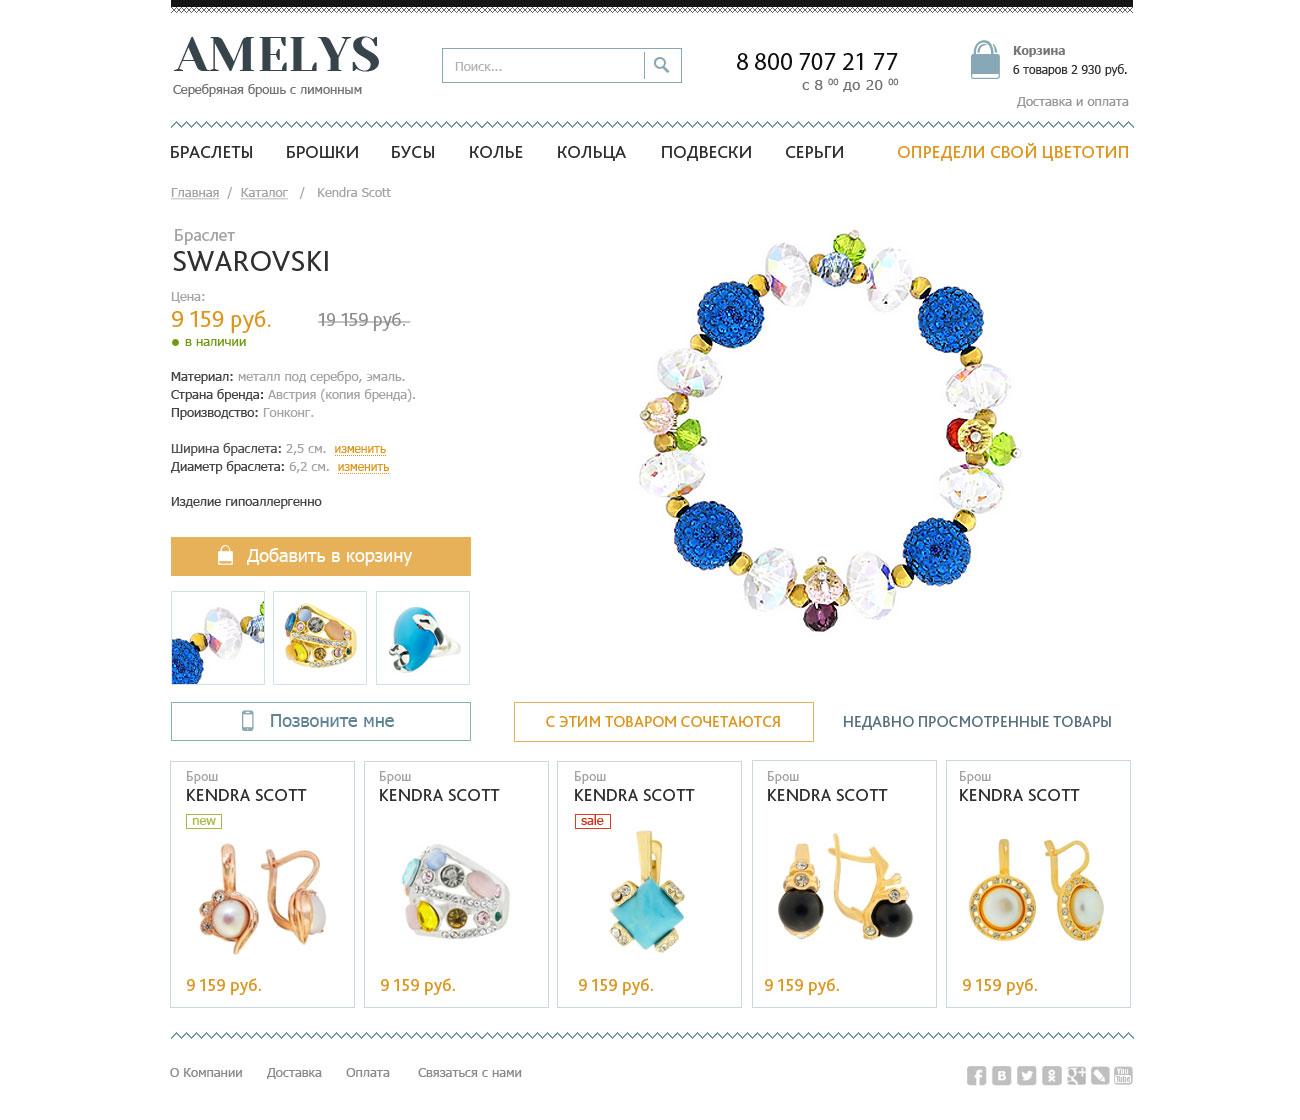 Amelys CMS WordPress